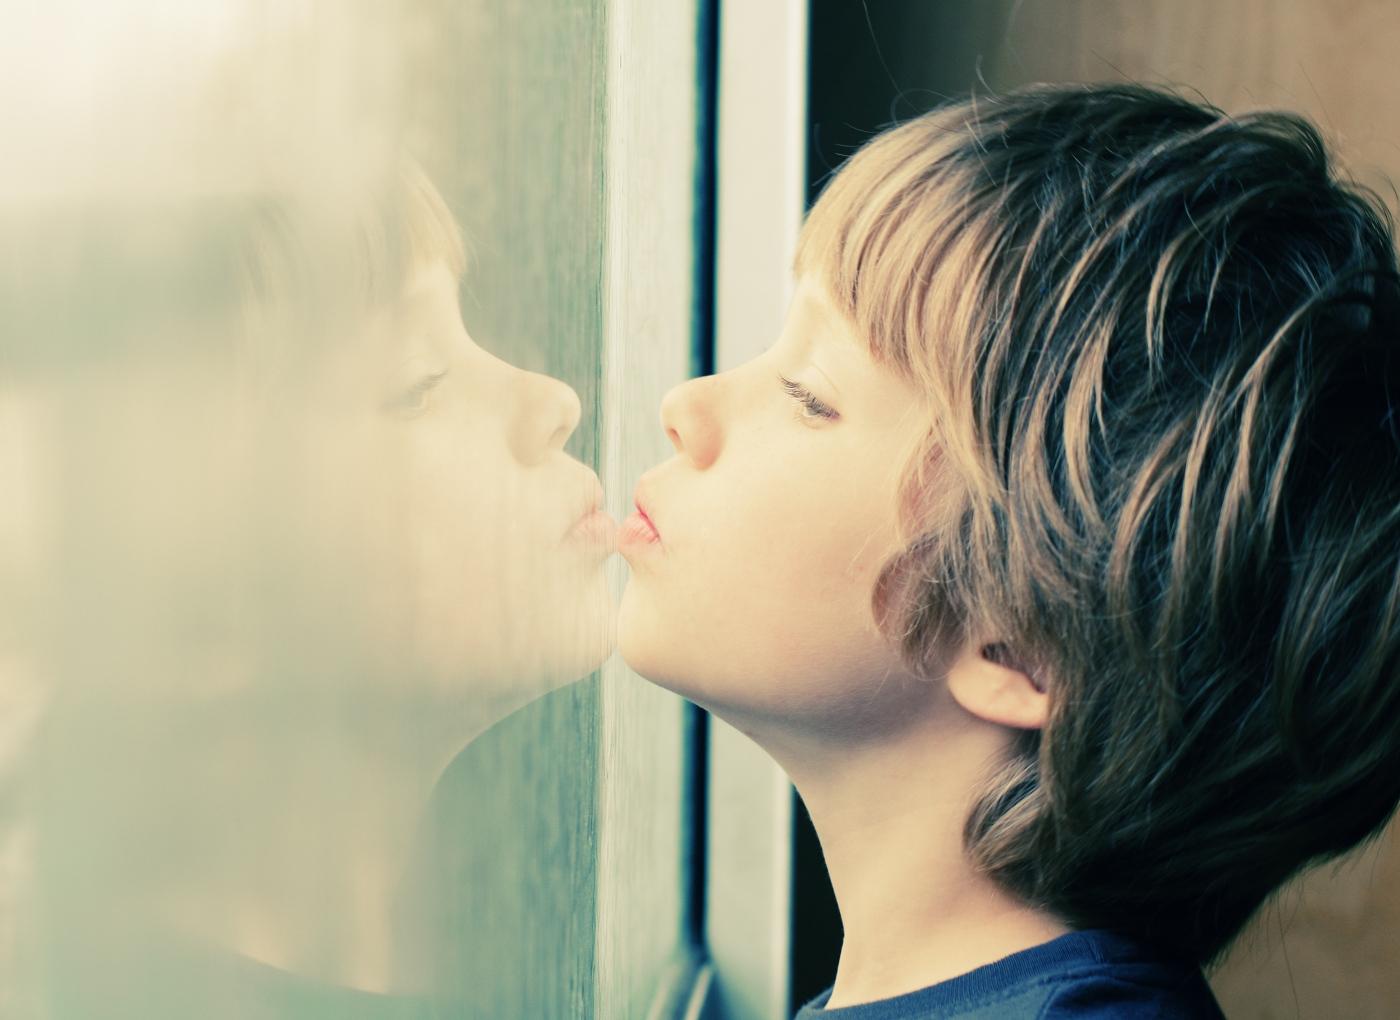 Criança com síndrome de Aperger a olhar pela janela